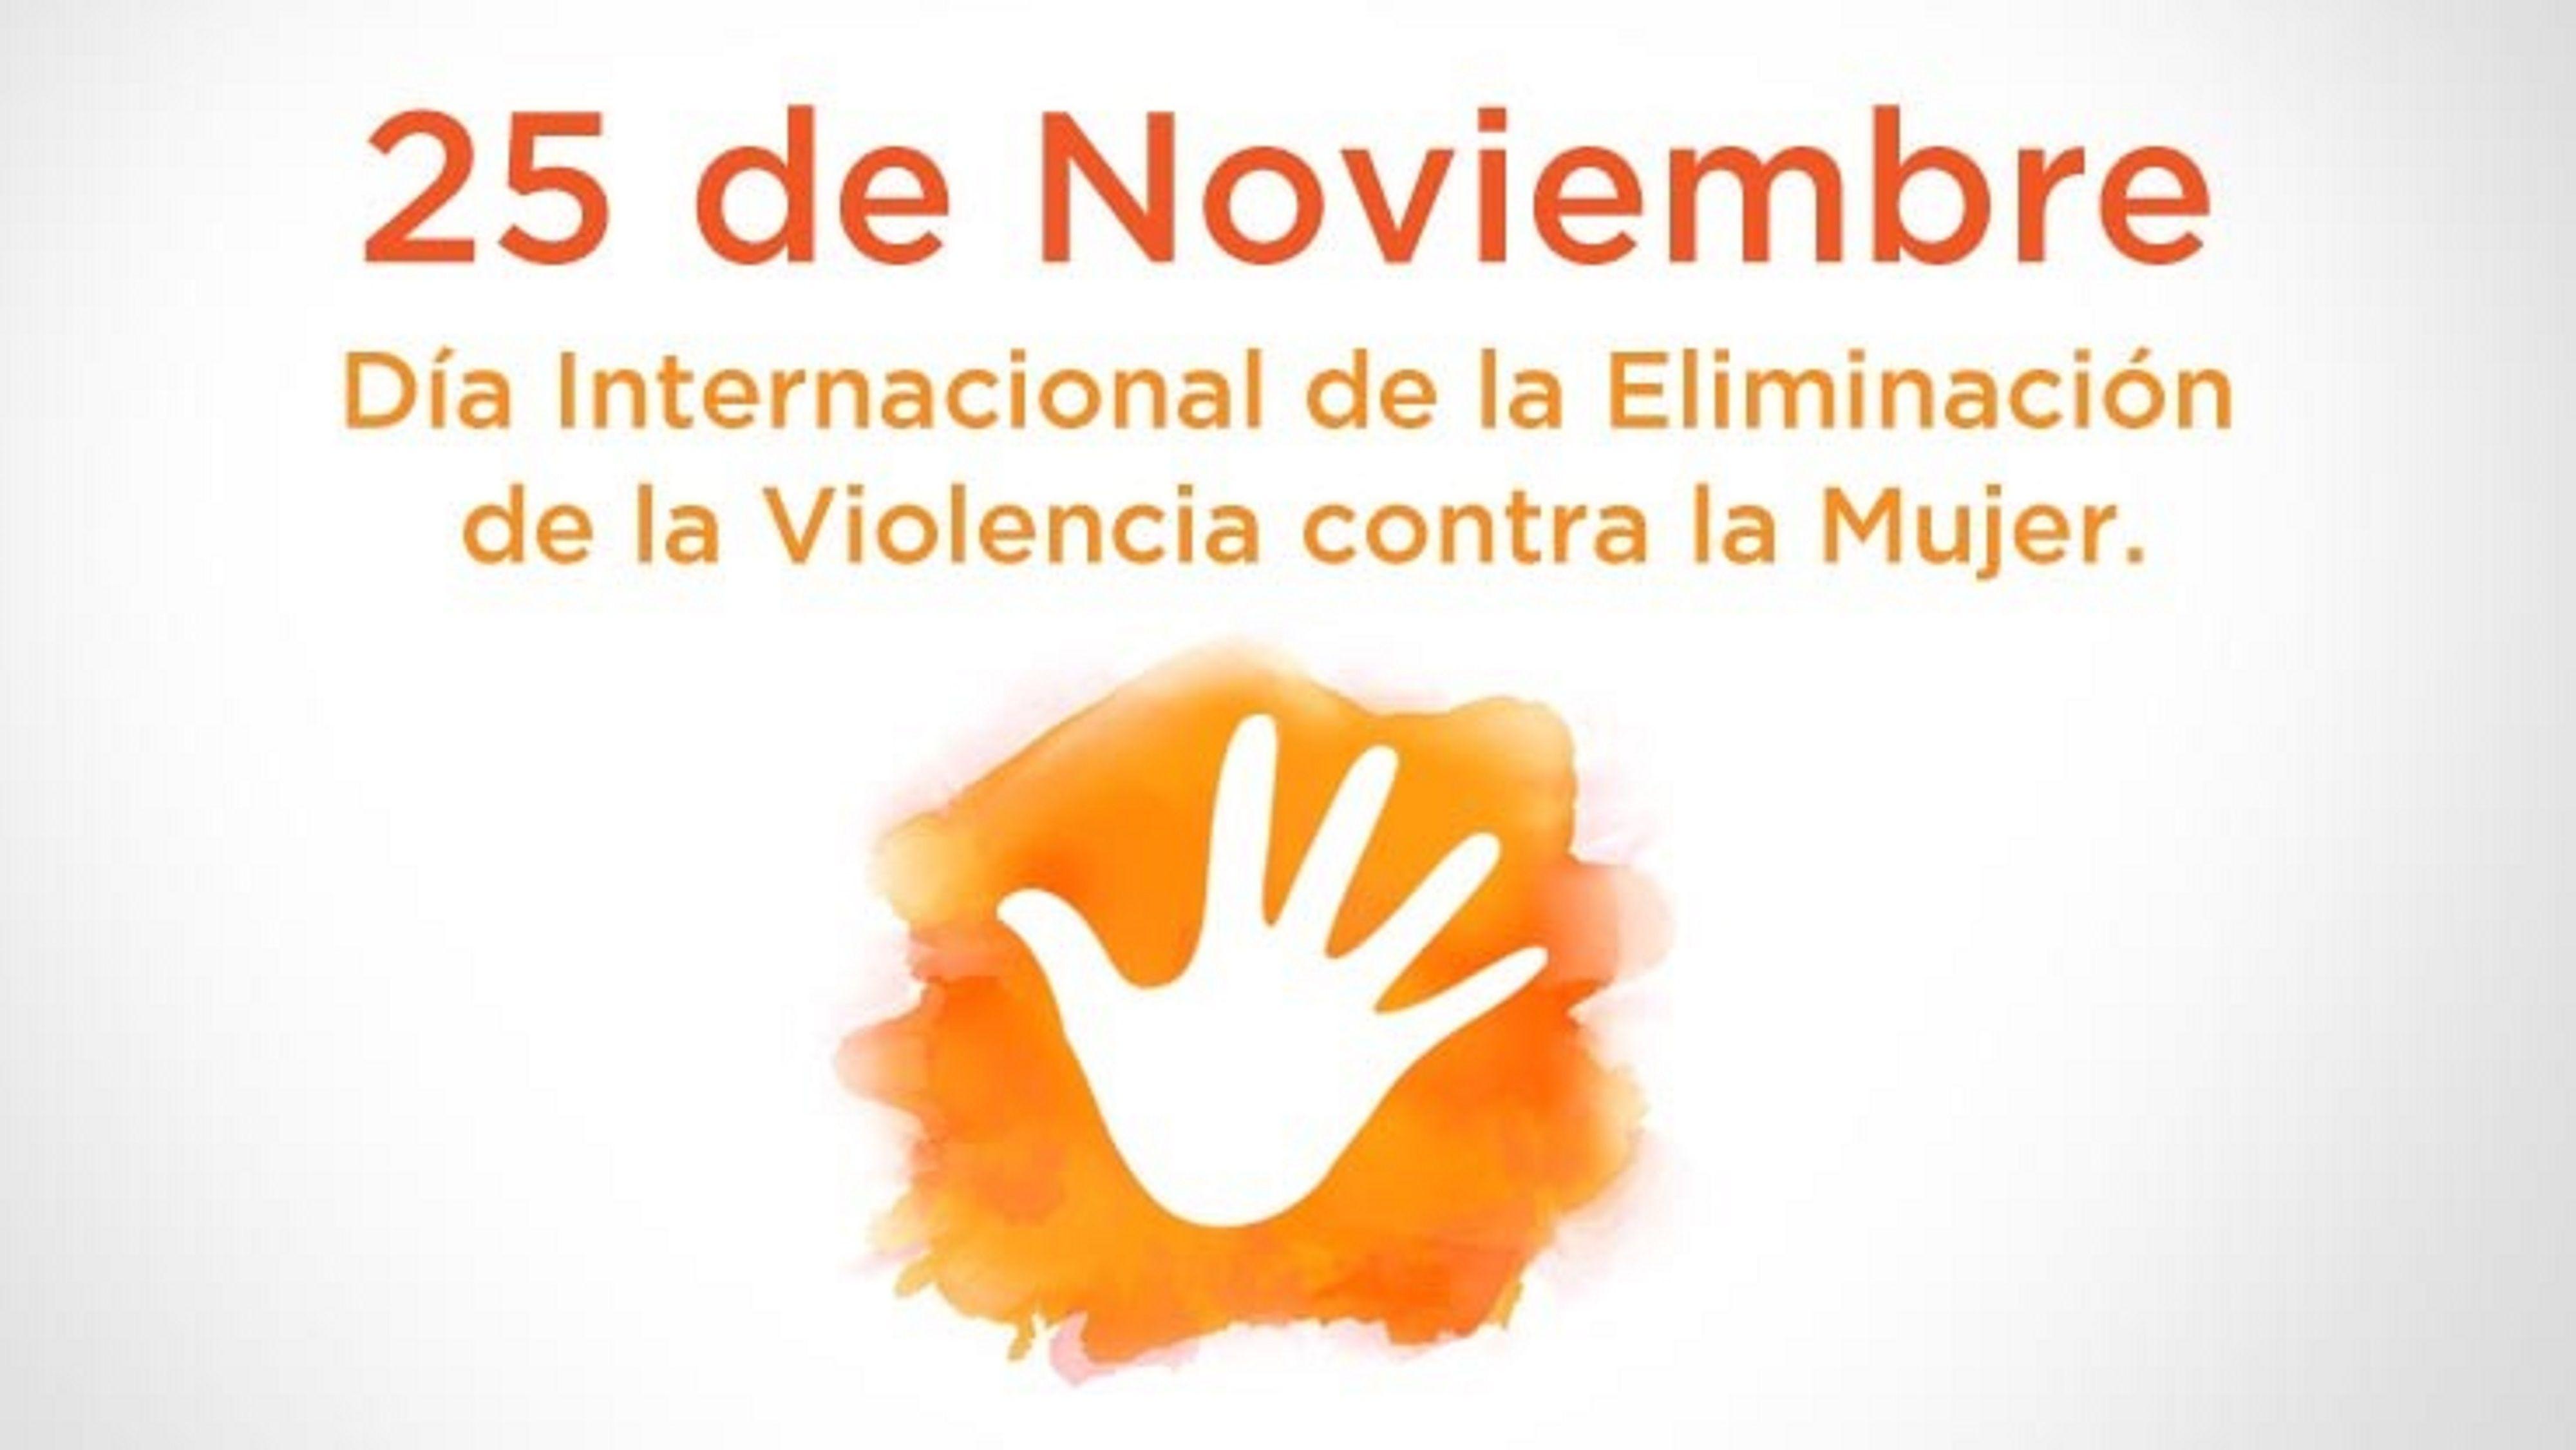 25 De Noviembre Día Internacional De La Eliminación De La Violencia Contra La Mujer Violencia Contra La Mujer Violencia Imagenes Para Fb